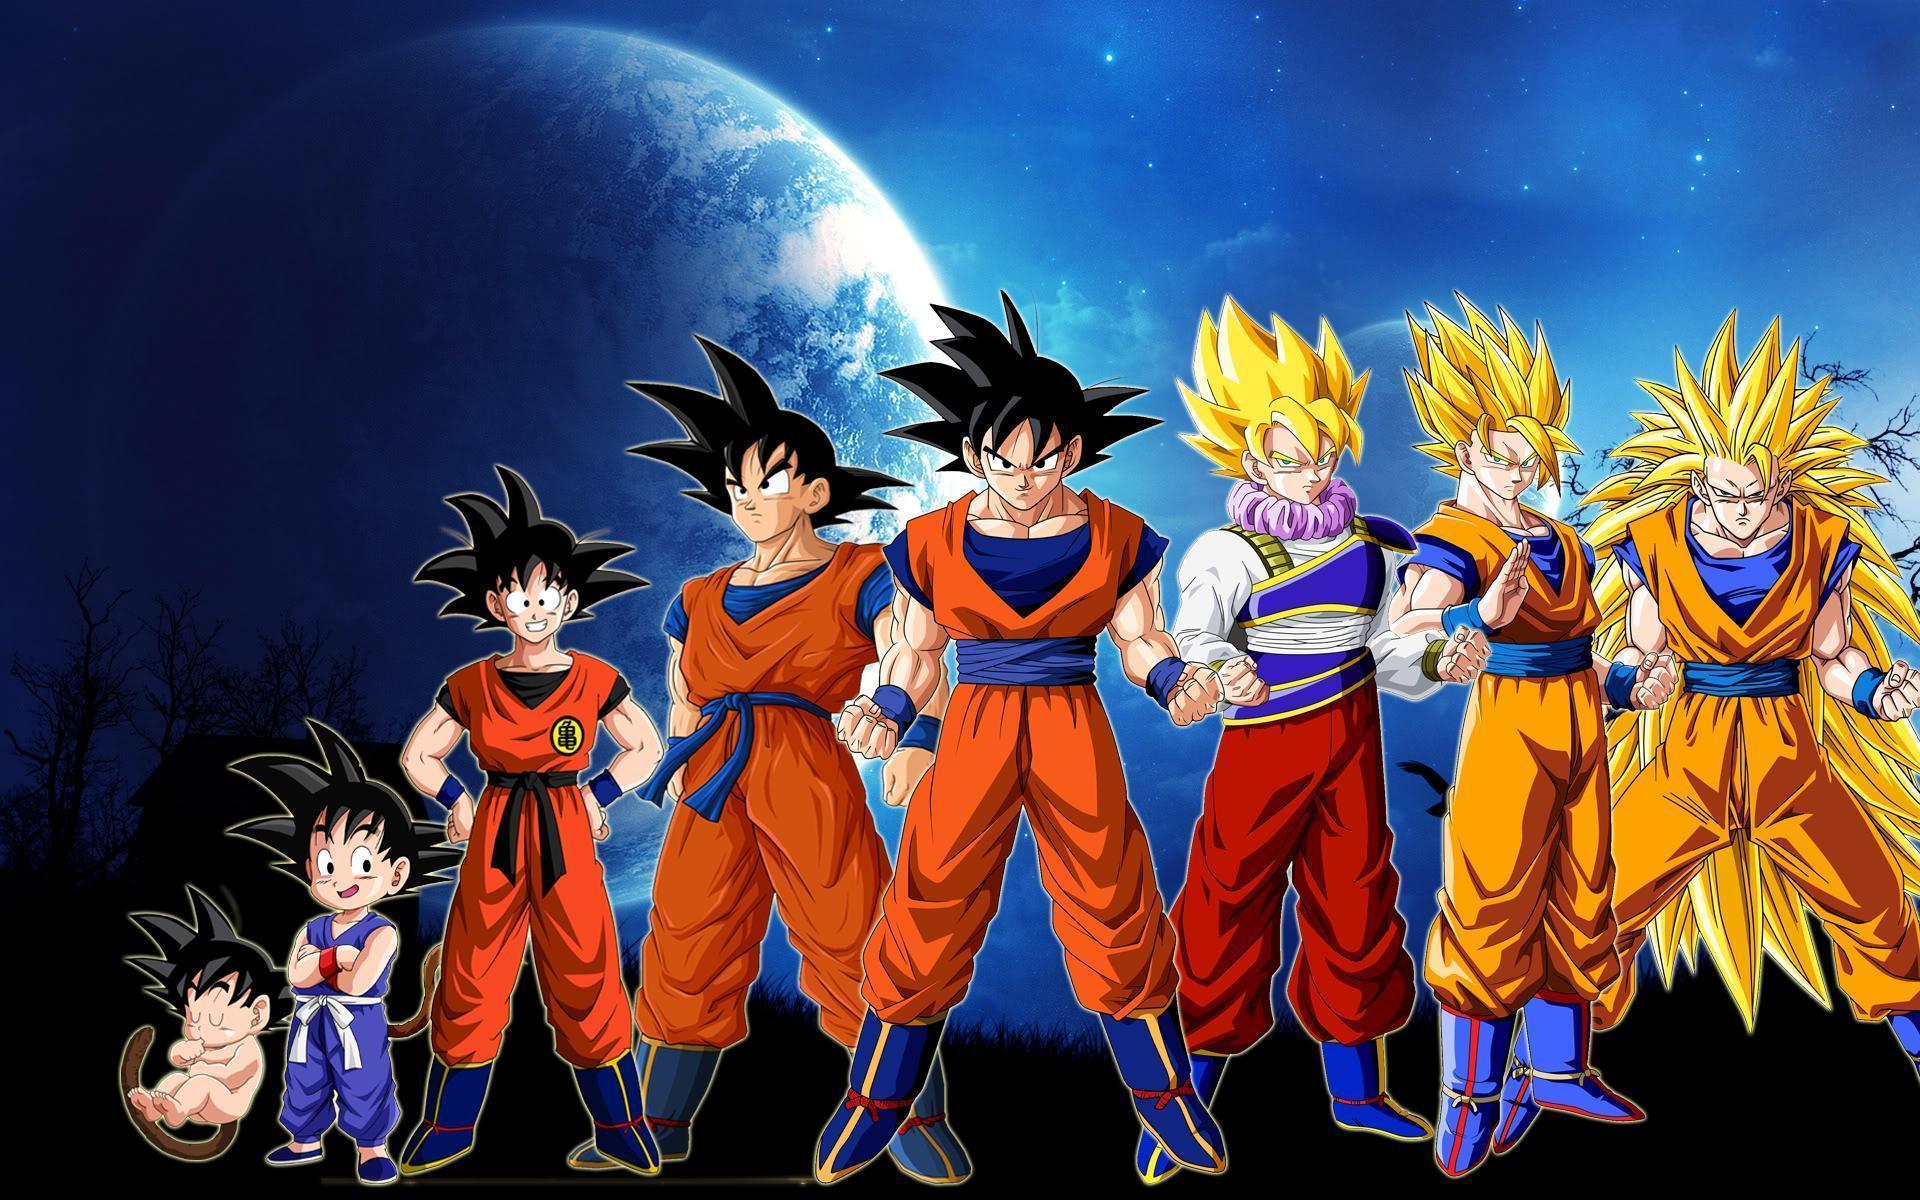 Black goku, doppelganger của anh ấy đến từ một chiều không gian khác. Dragon Ball Z Goku Wallpapers - Wallpaper Cave